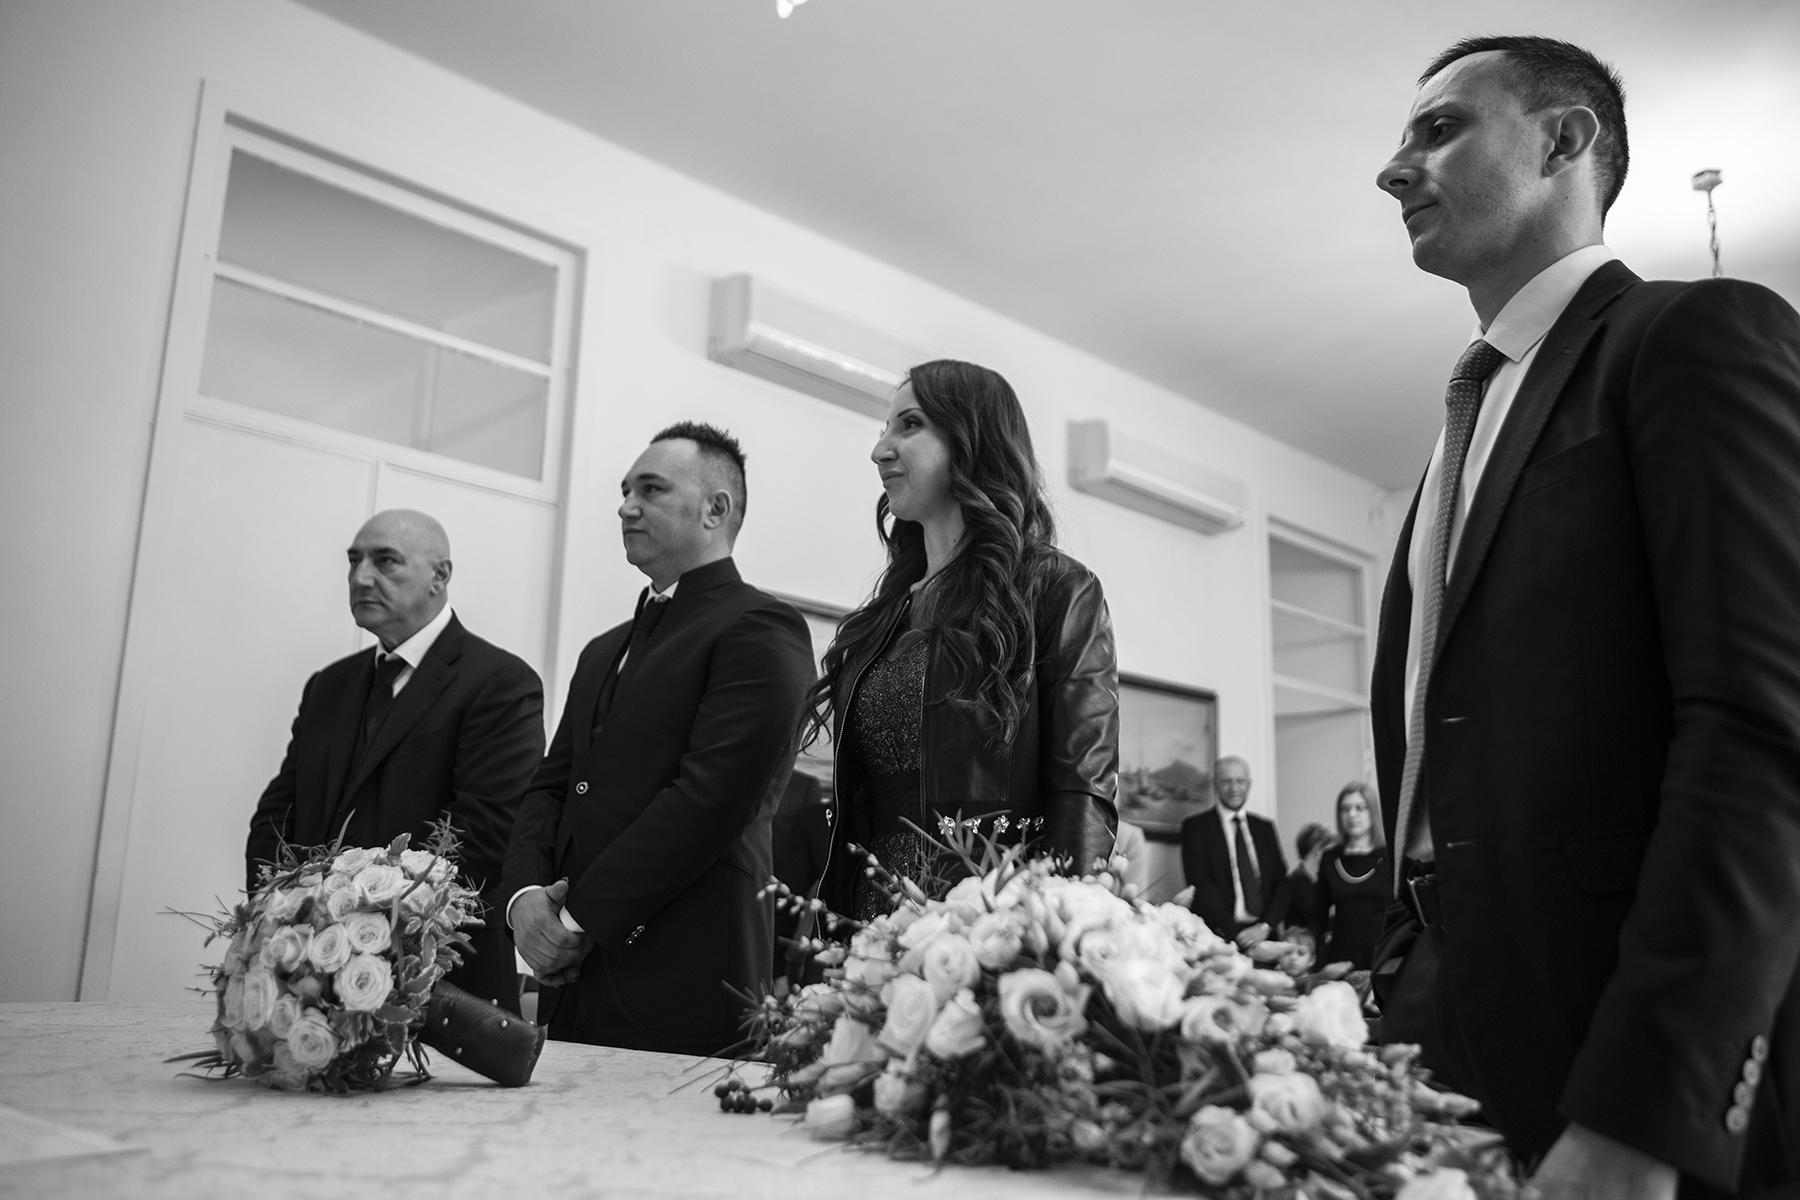 Cérémonie d'élimination de La Spezia Image   La mariée et le marié se tiennent ensemble à l'autel, qui est décoré de beaux bouquets de fleurs. Pendant qu'ils se lèvent, écoutant l'officiant, leurs invités regardent derrière eux